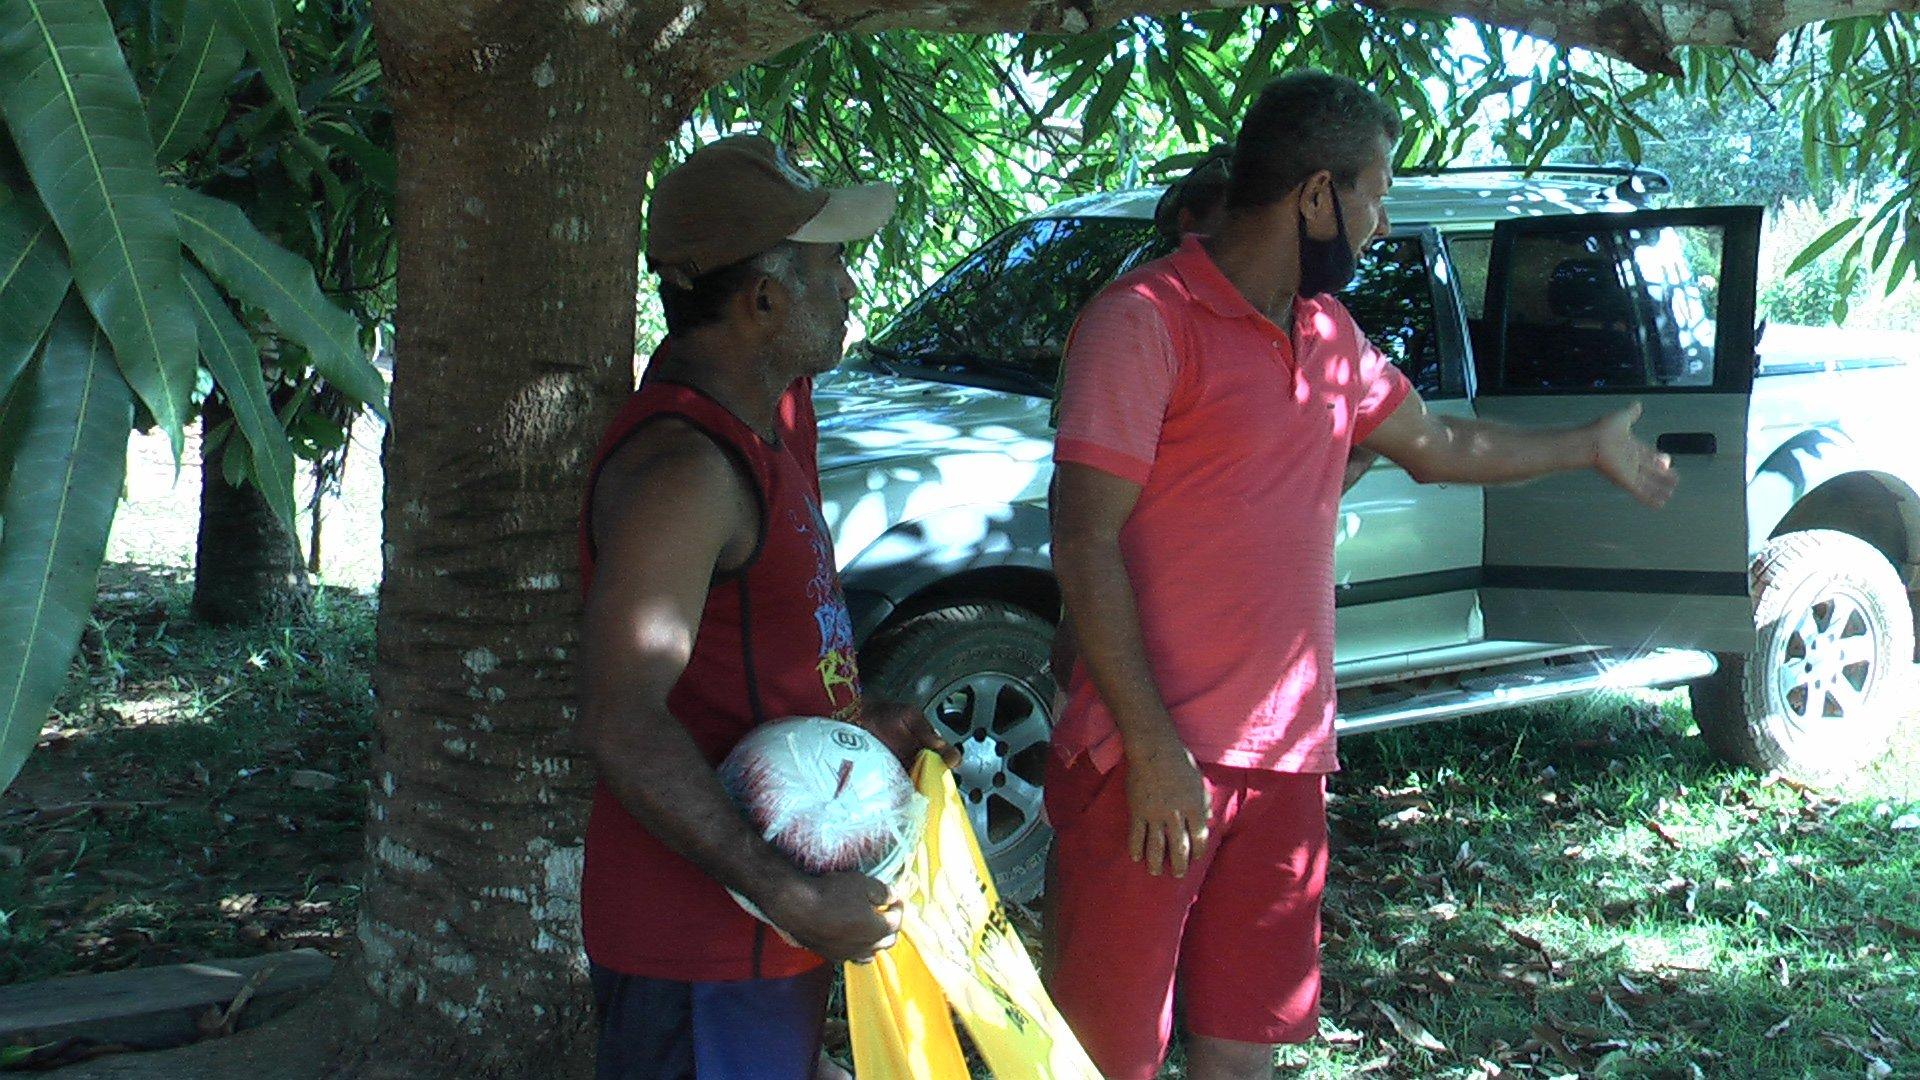 Vereador Jorge realiza entrega de uniforme a time de futebol no Projeto do Sol I